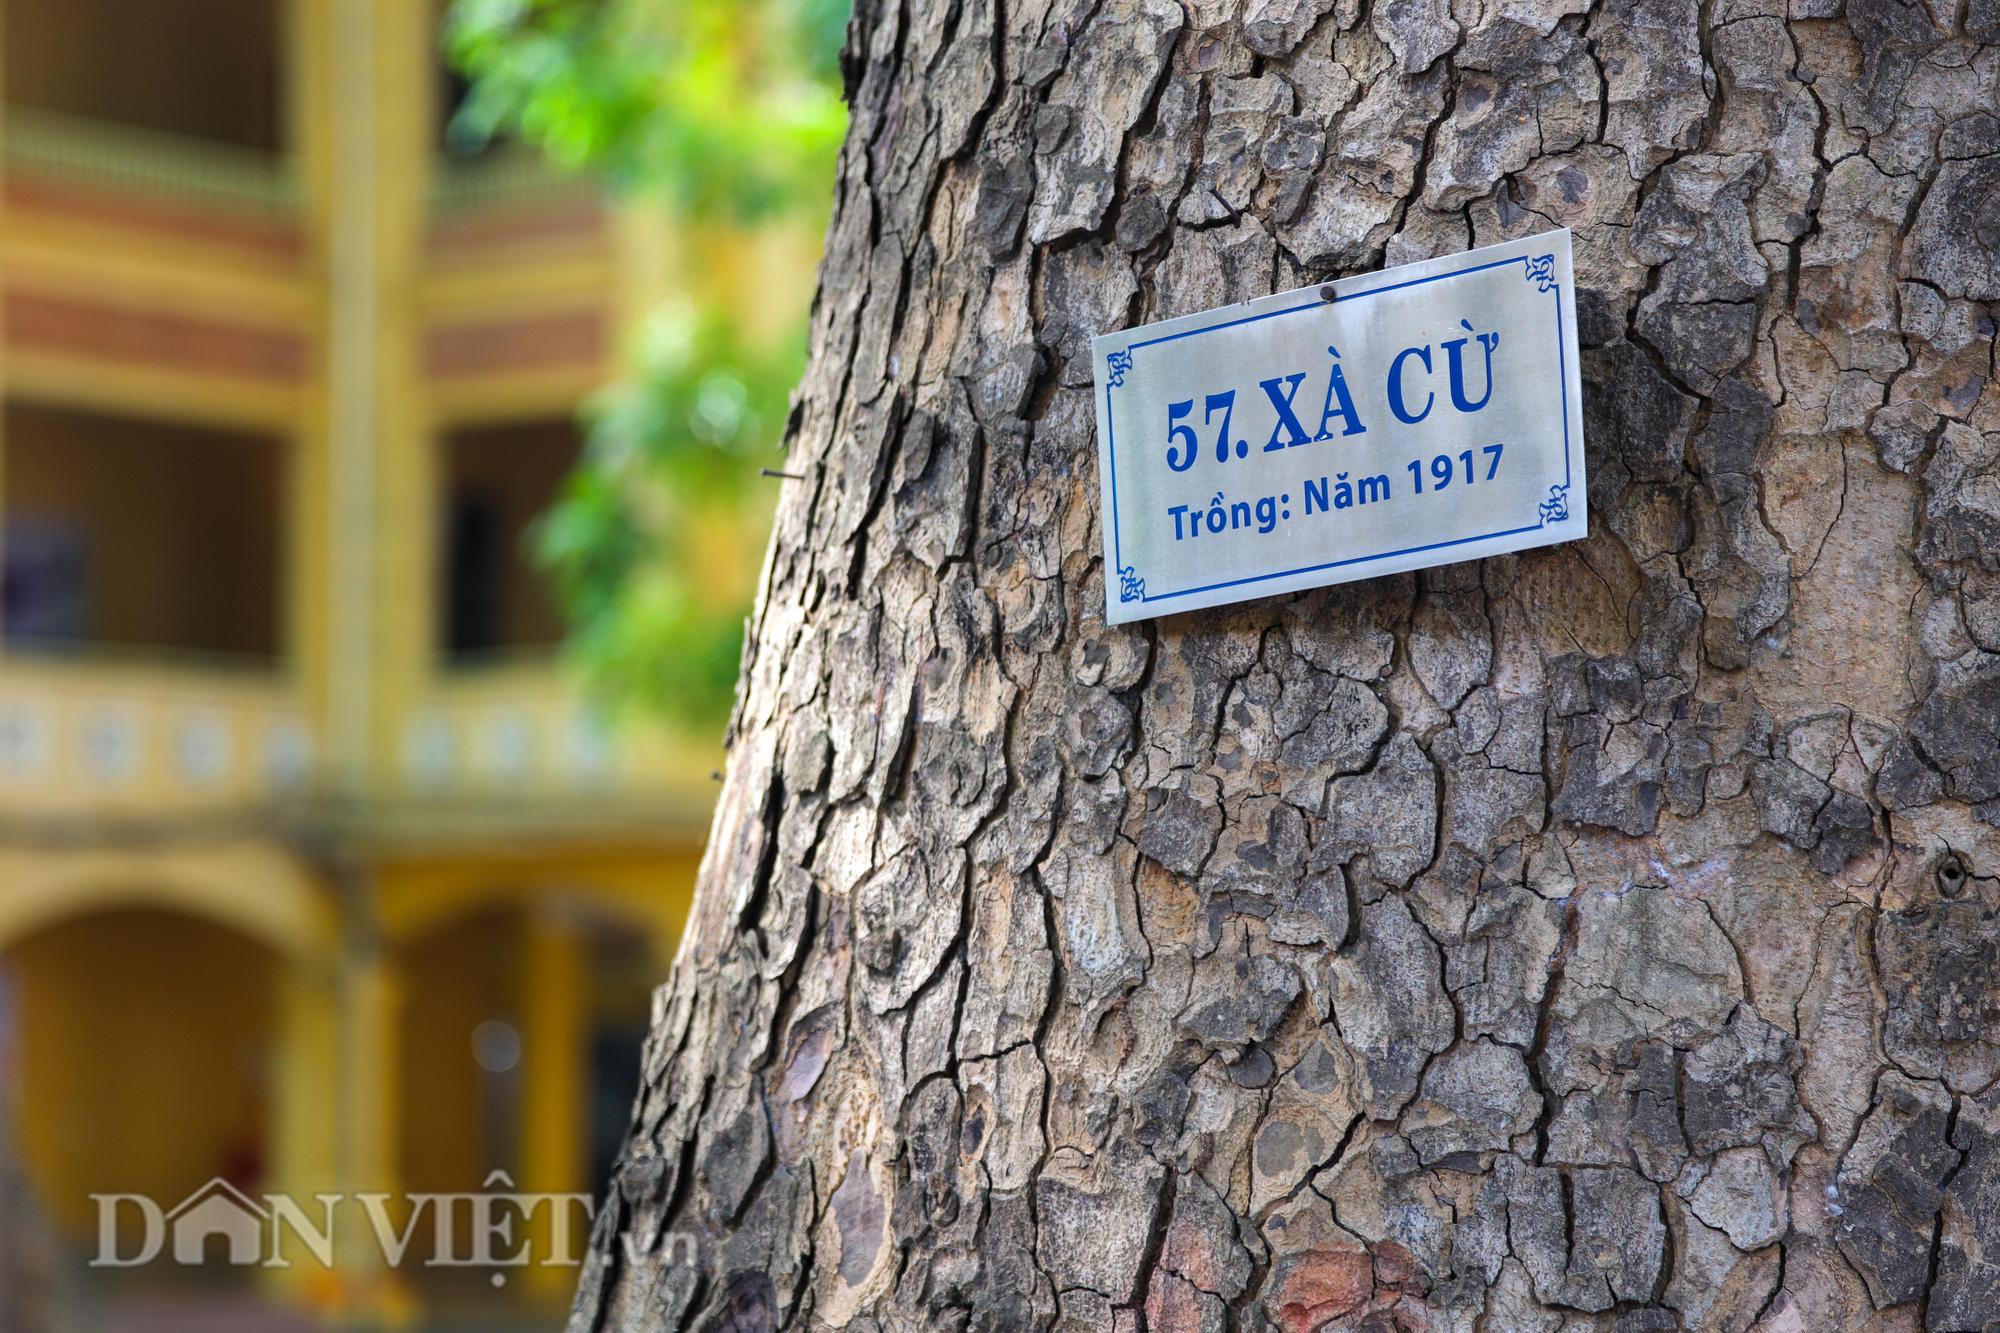 Học sinh Hà Nội không hề lo sợ dù ngồi giữa sân trường đầy cây cổ thụ - Ảnh 4.